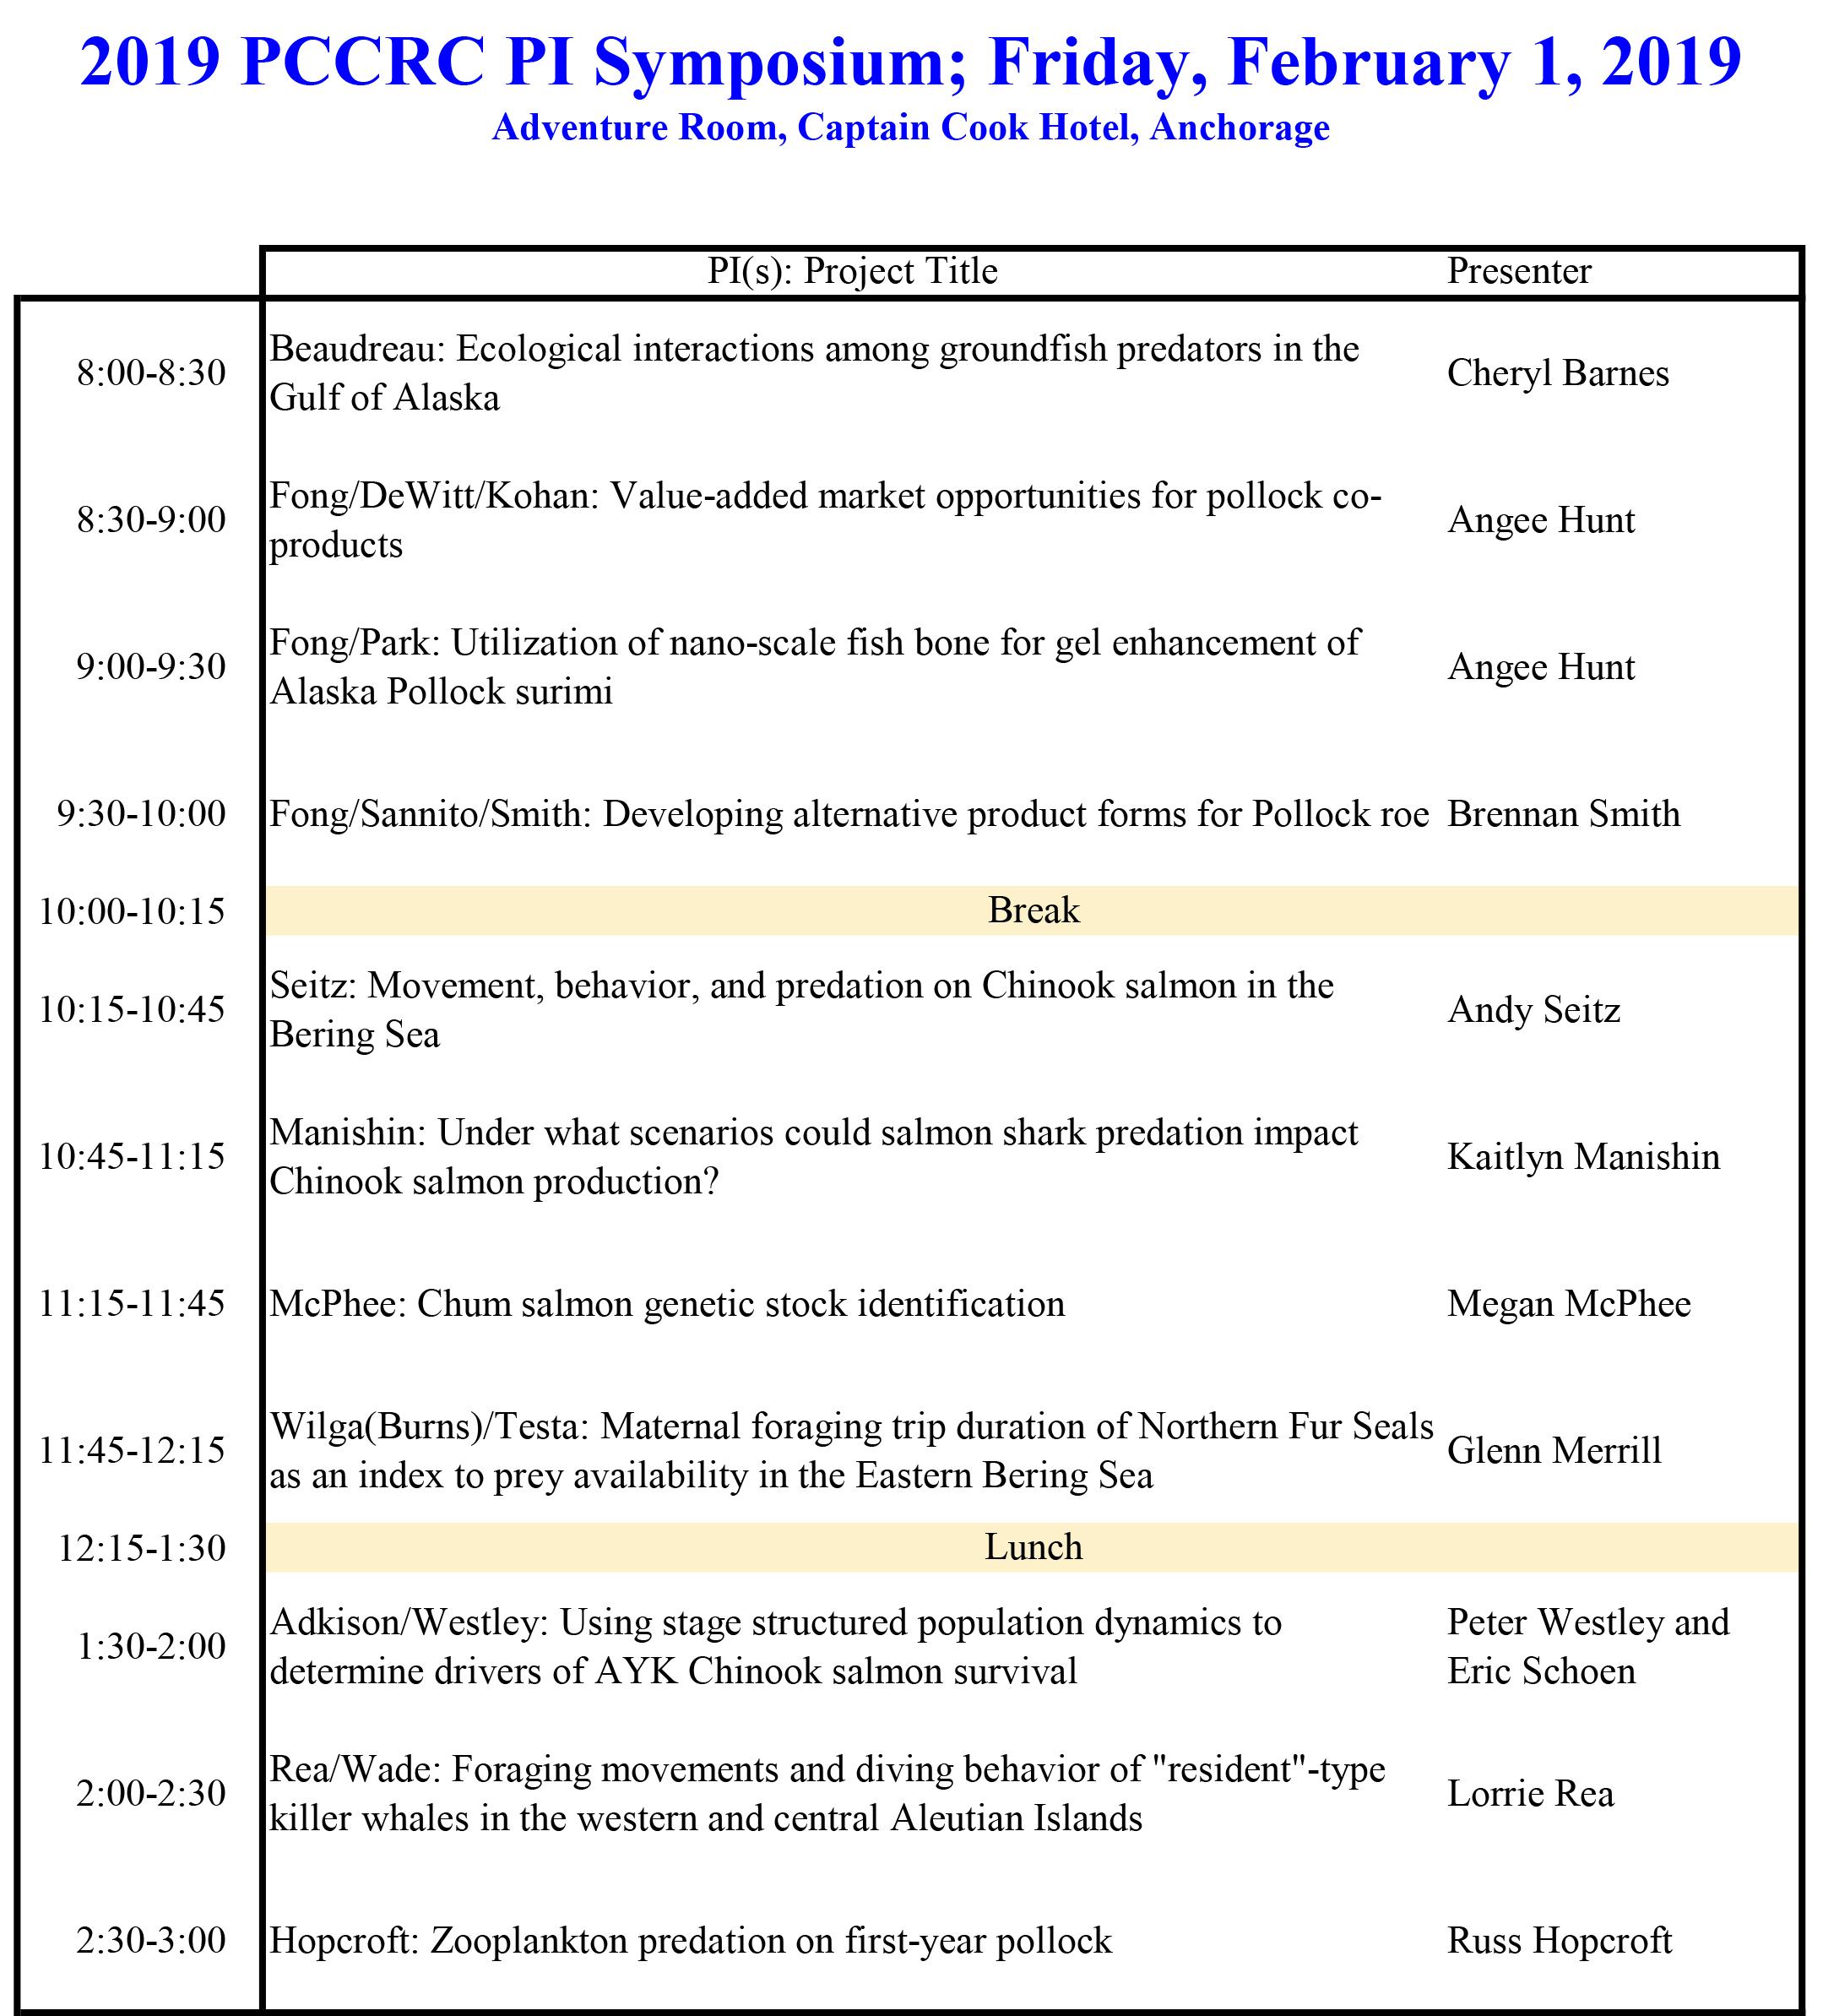 PCCRC Symposium schedule.jpg